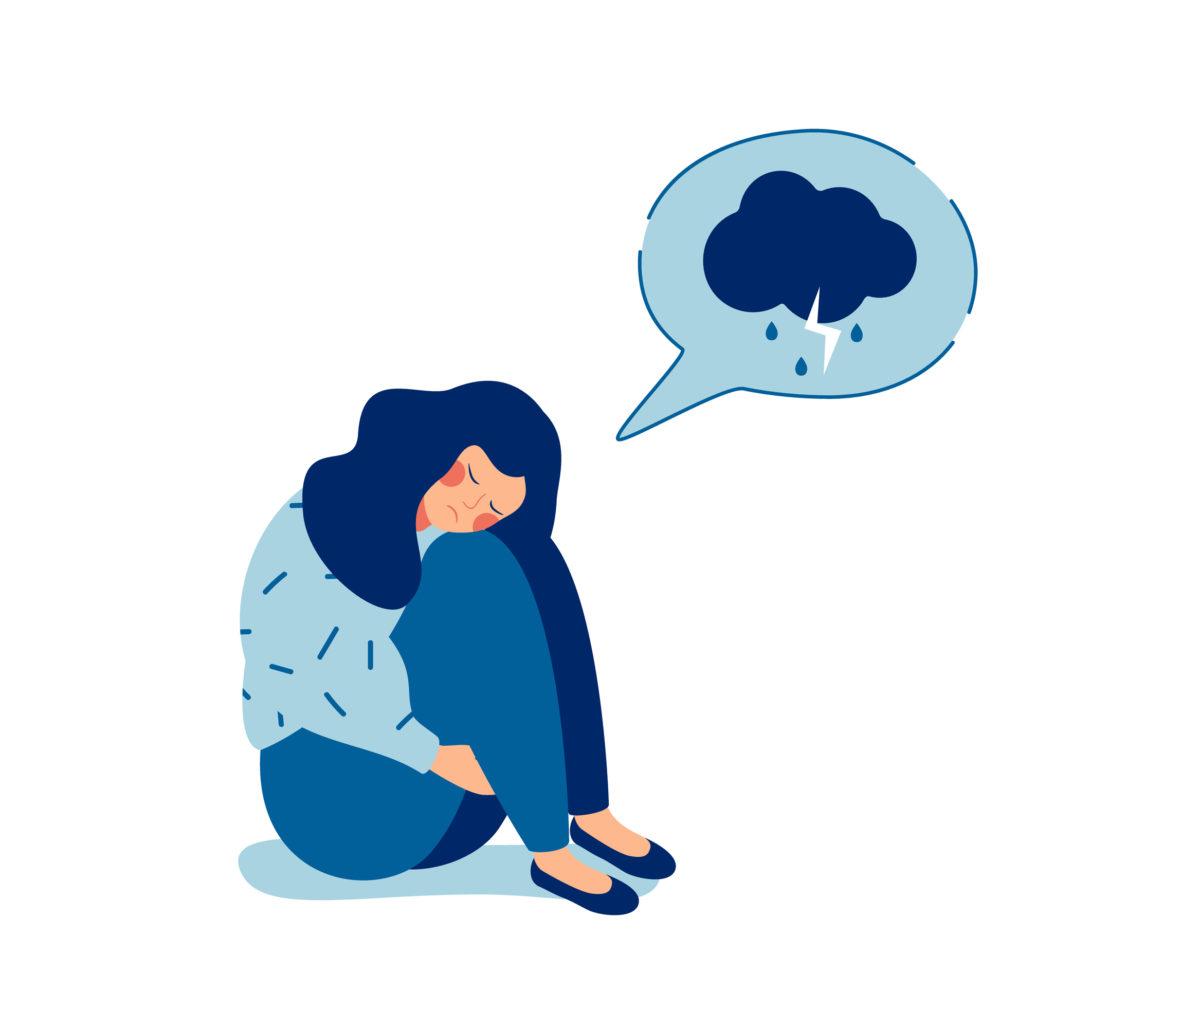 アスペルガーと統合失調症ってどんな違いがあるの?